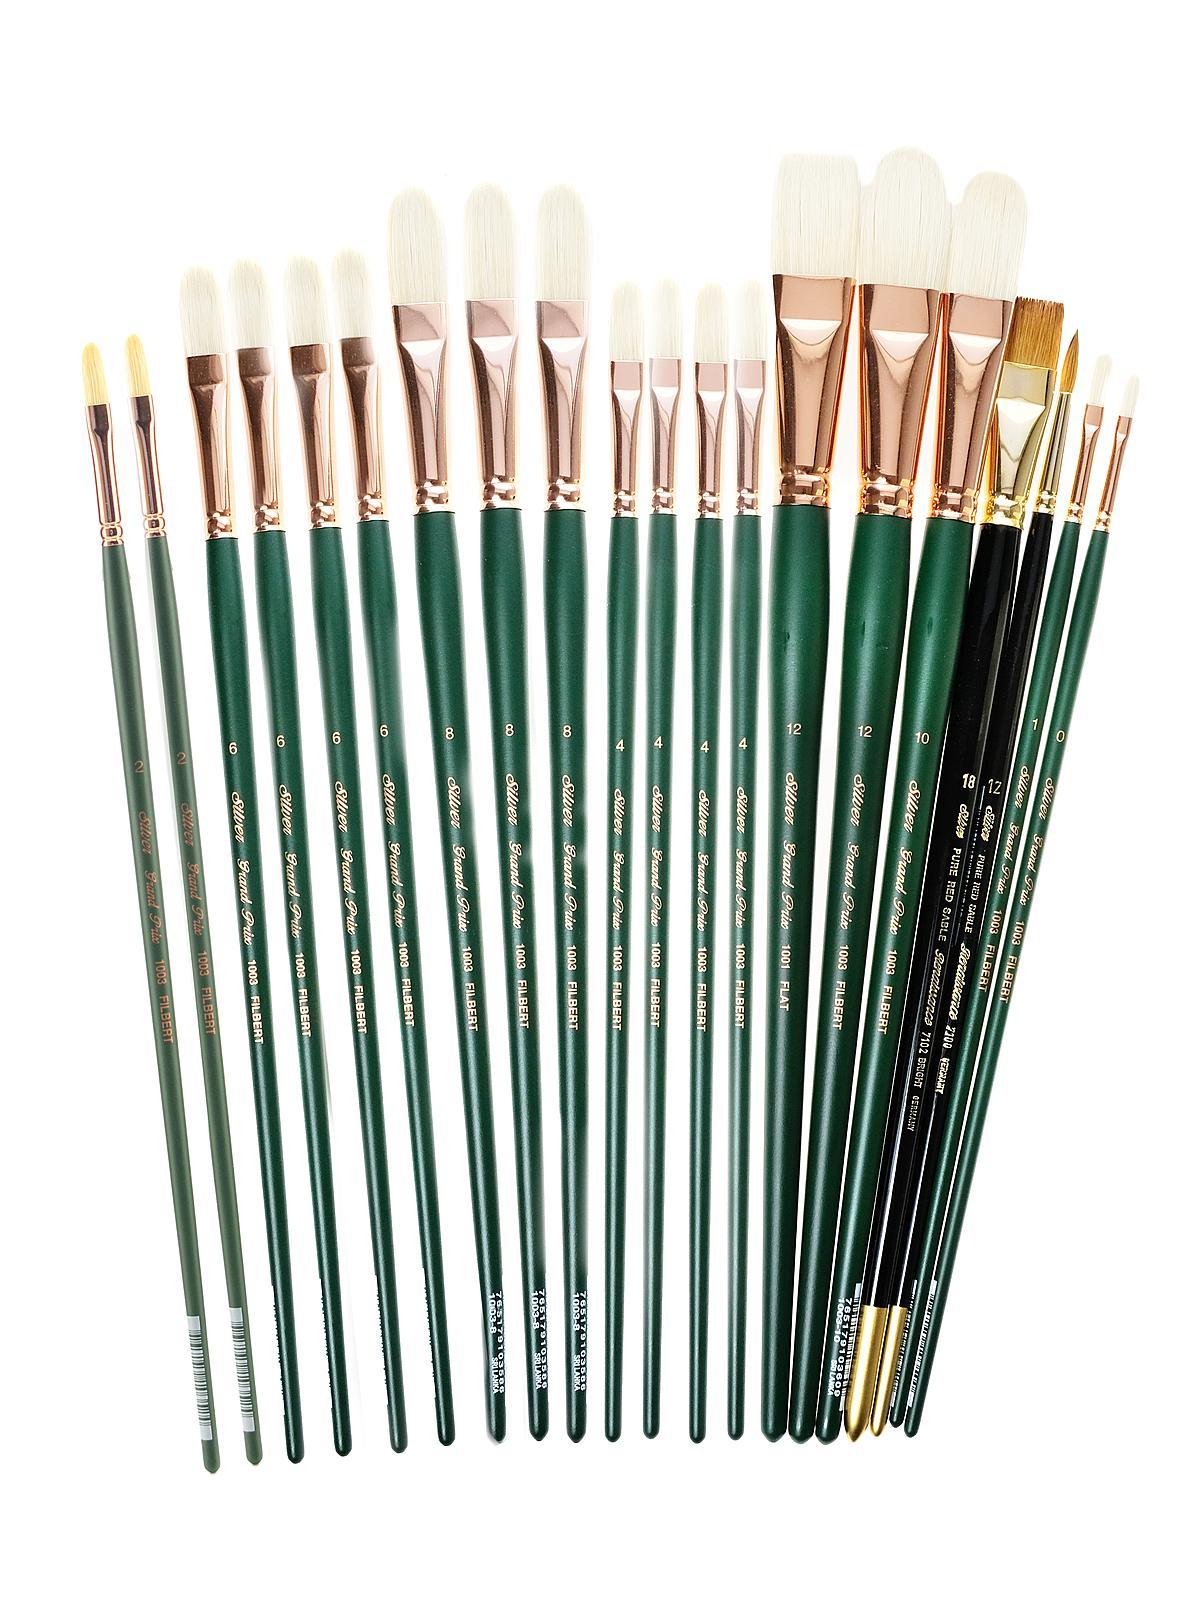 Everett Kinstler Brush Sets